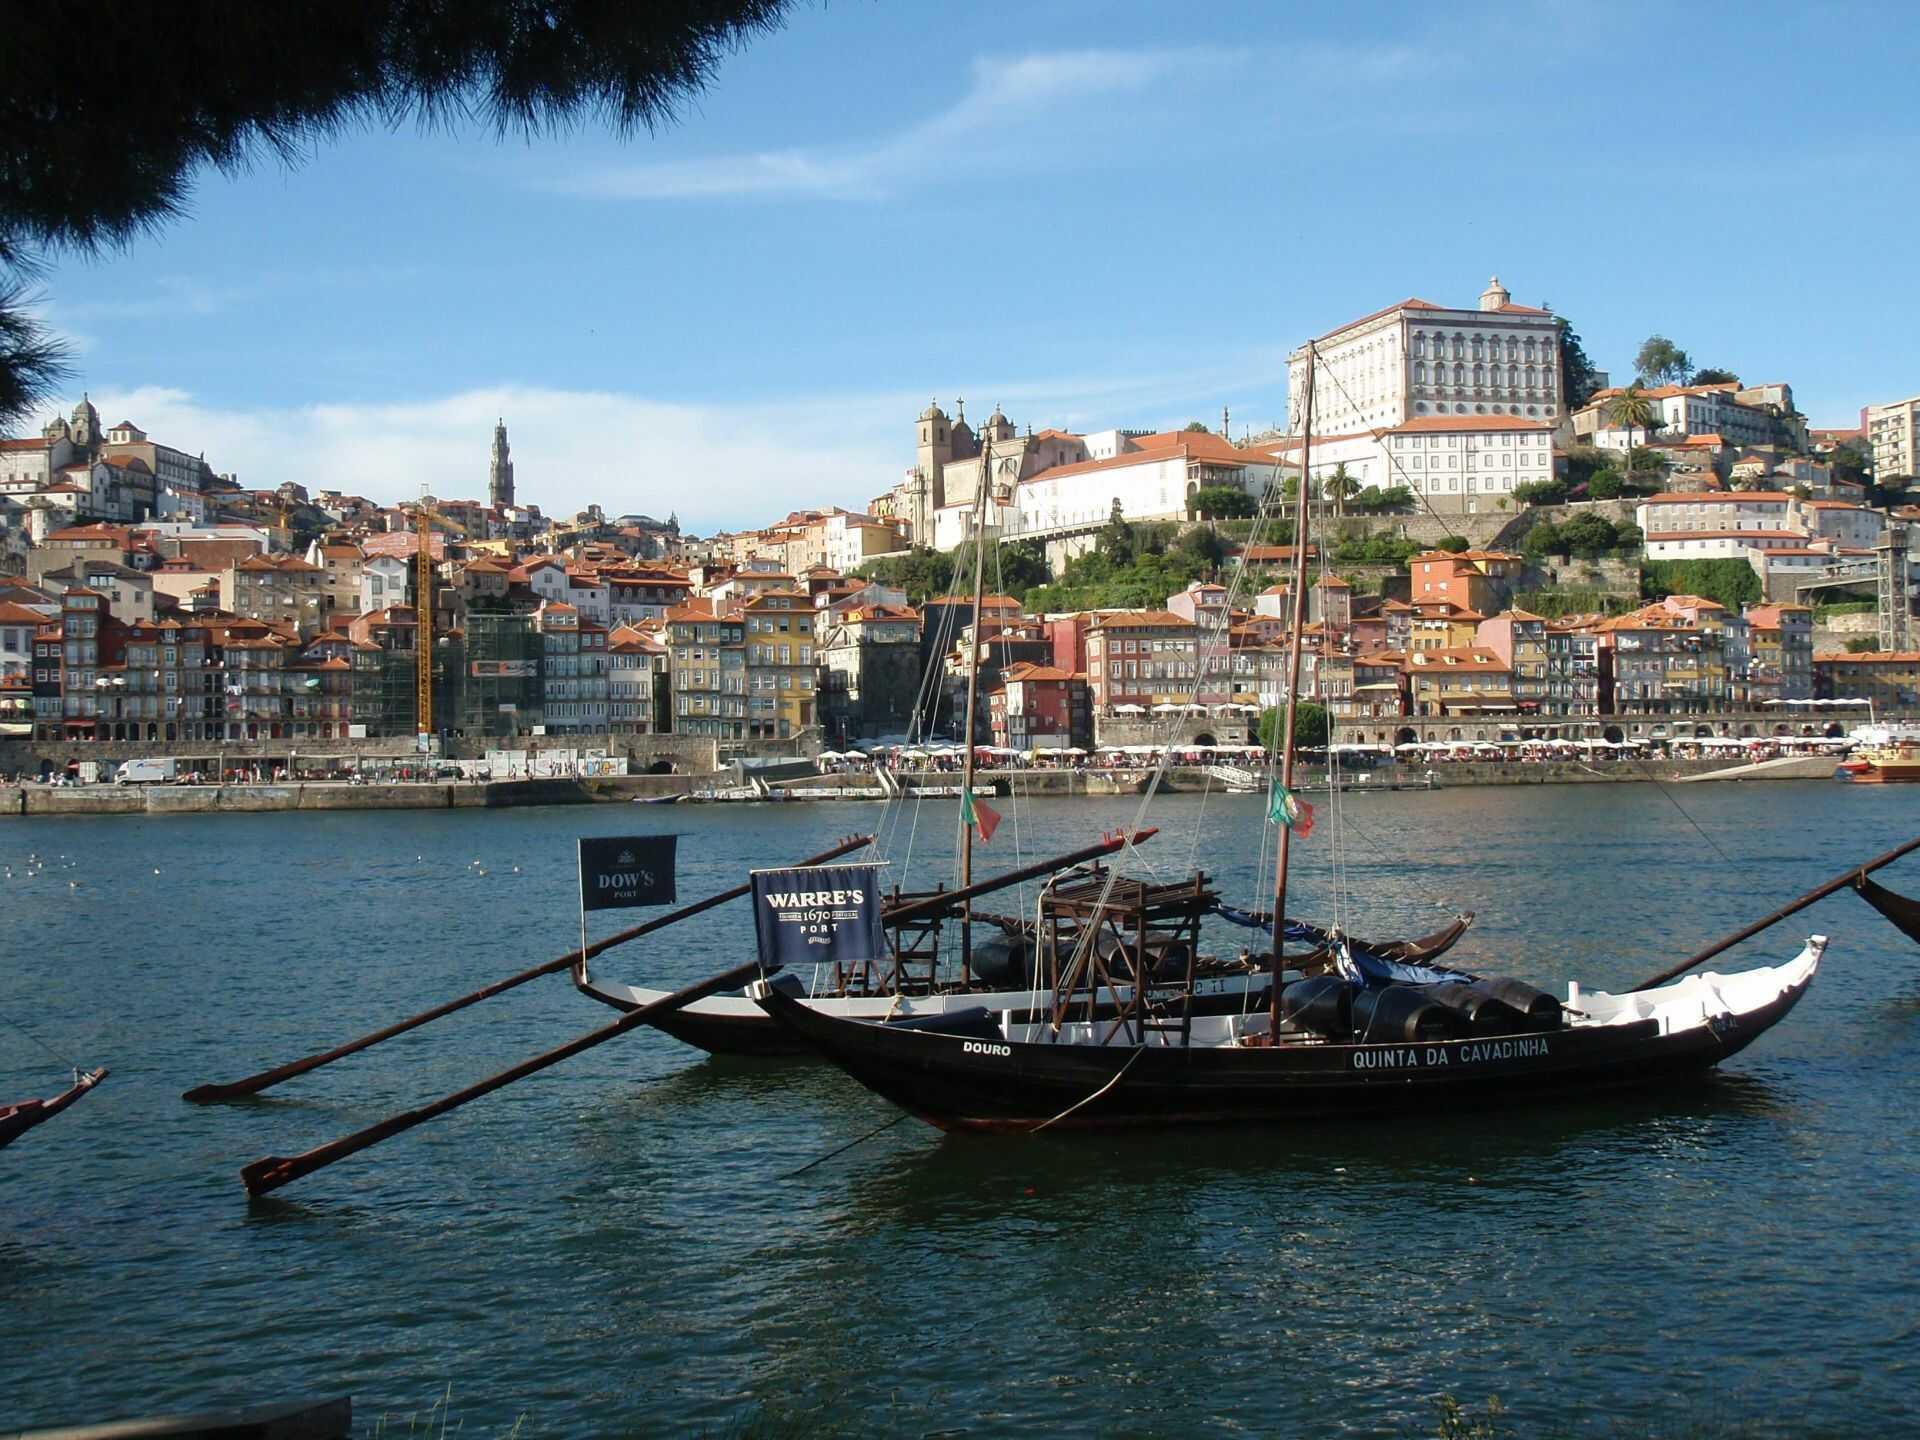 Lodě barcos rabelos kotvící u břehu Vila Nova de Gaia